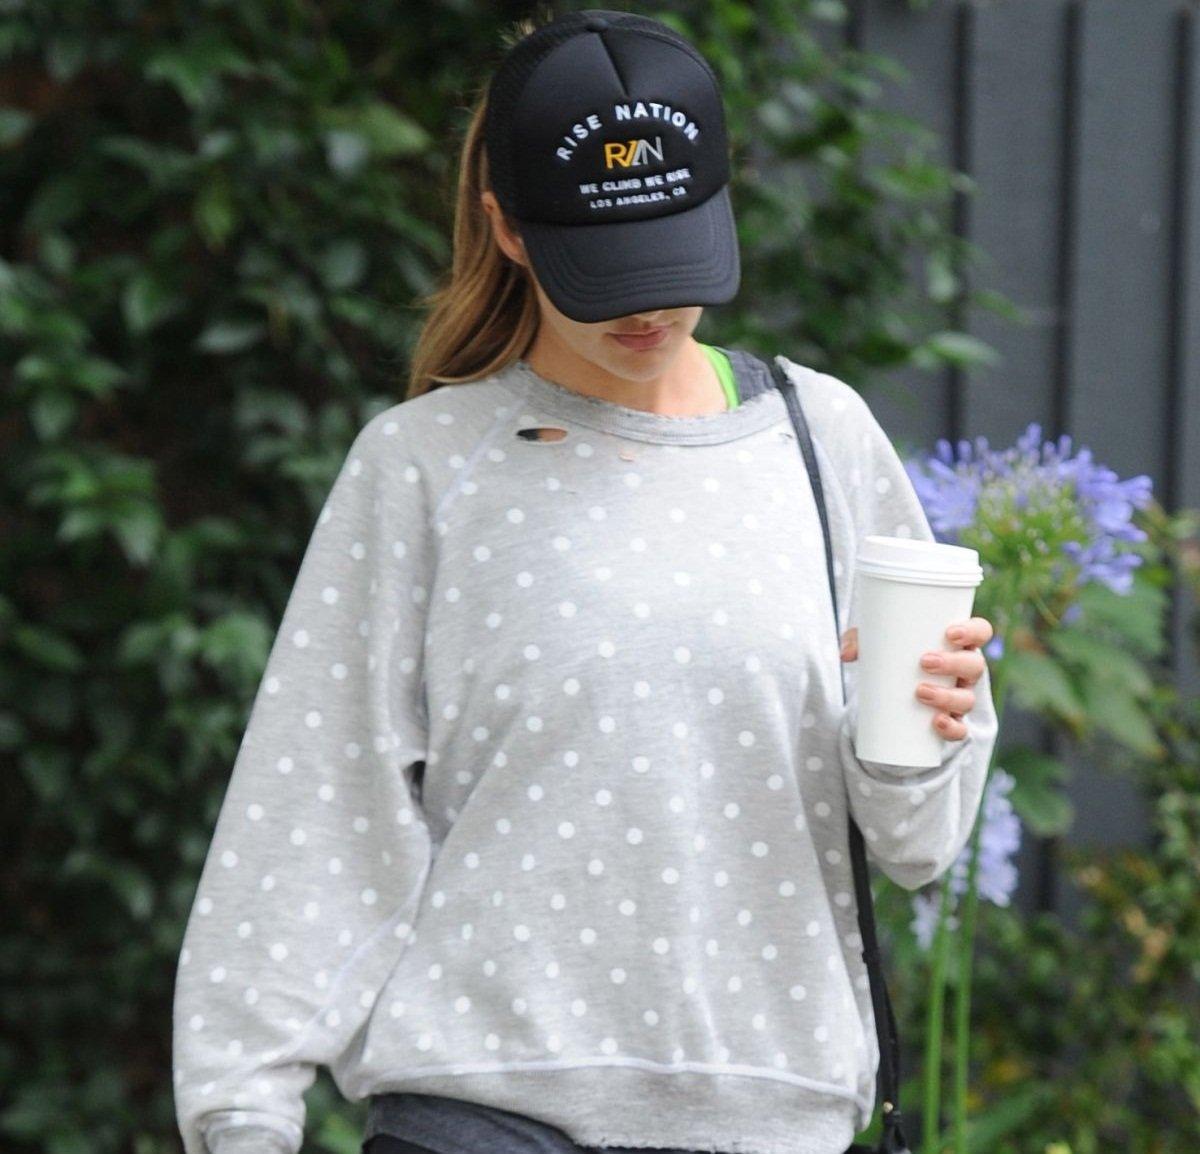 Минка Келли наслаждалась кофейным напитком во время прогулки по Голливуду